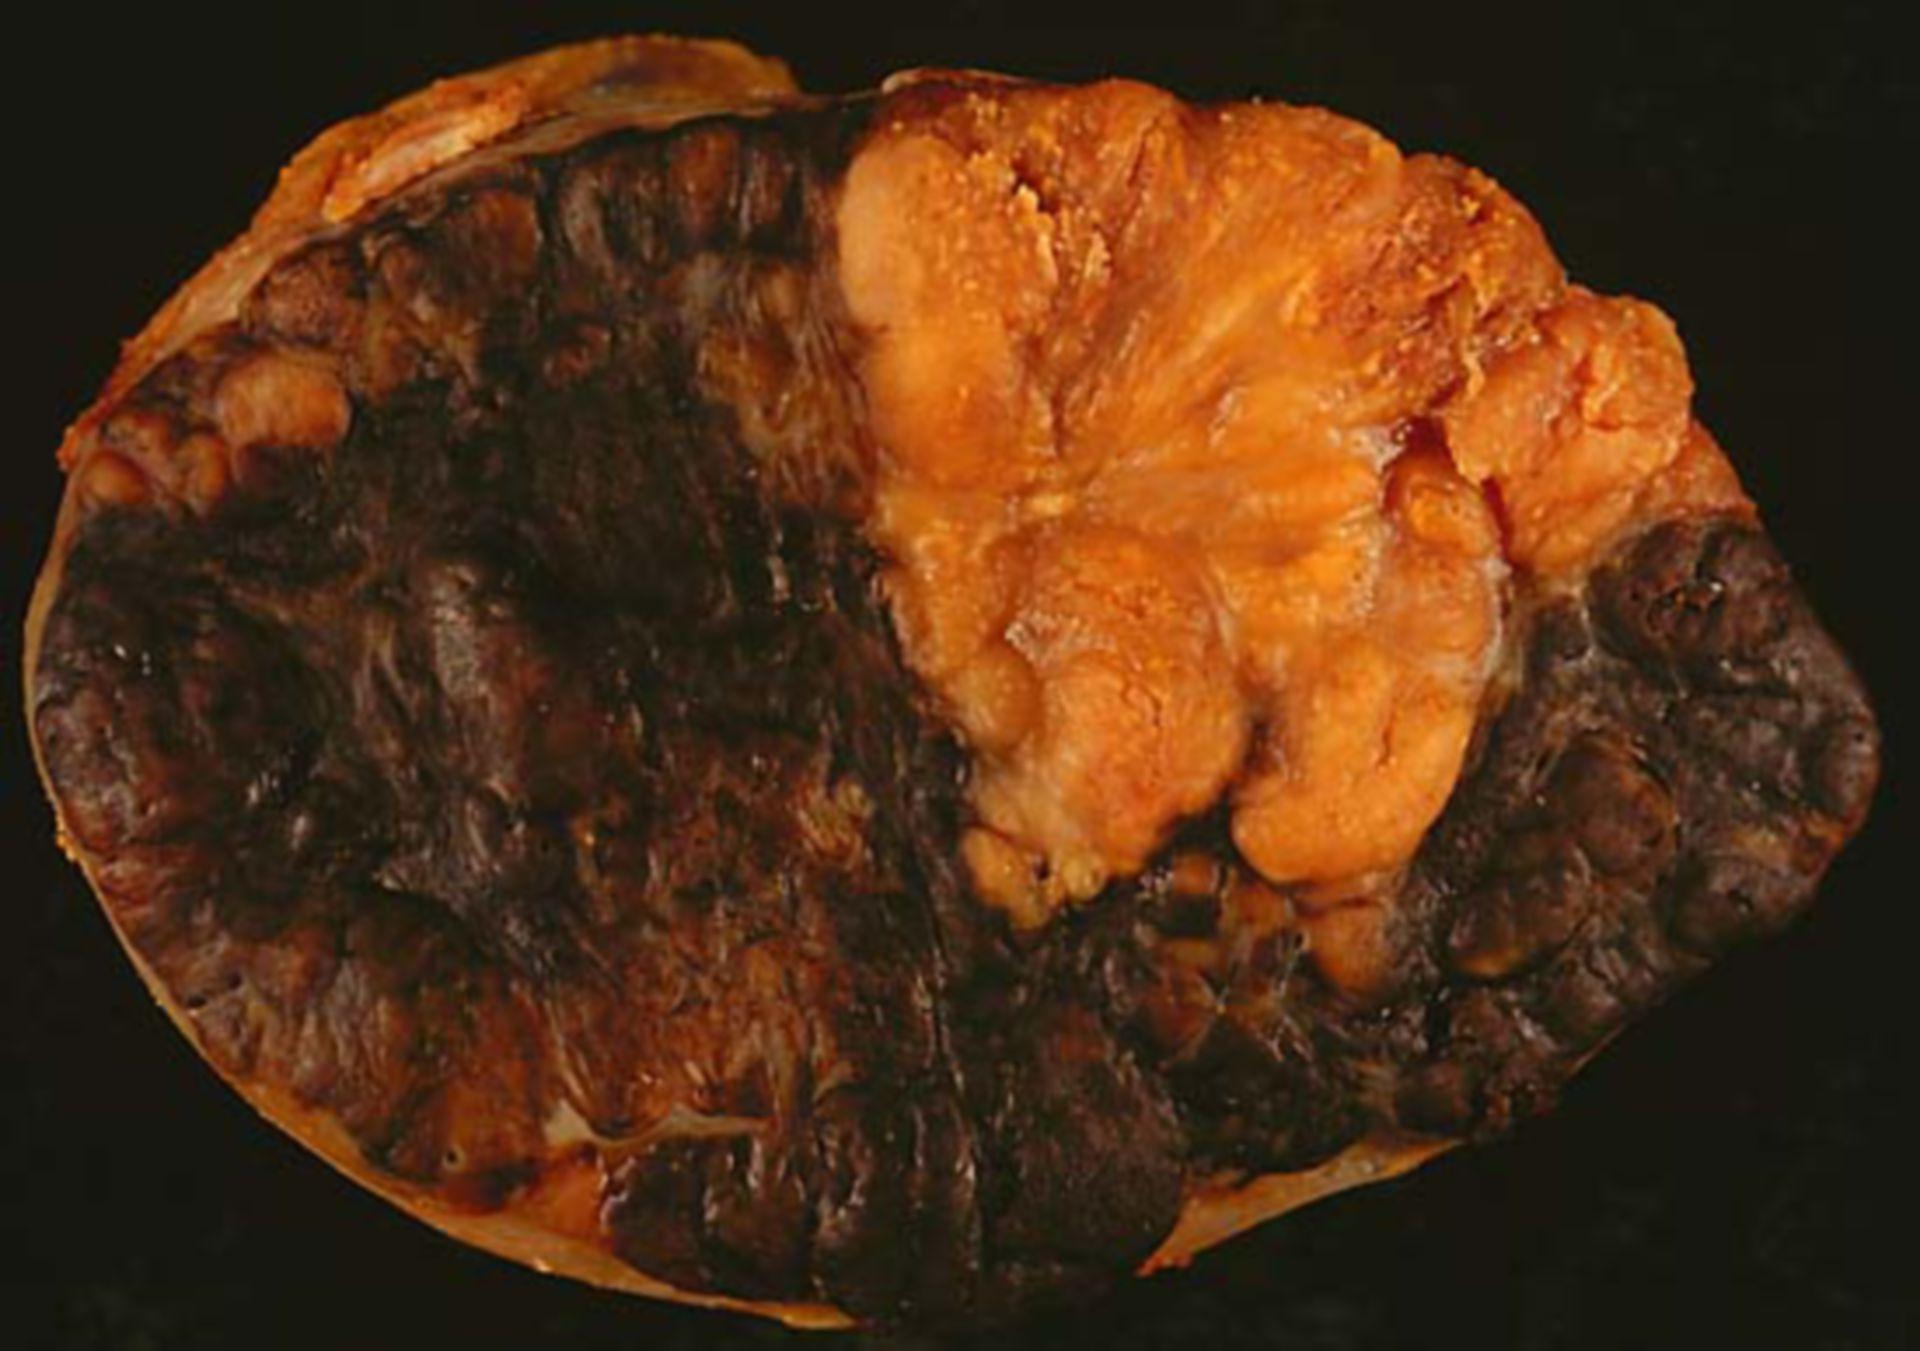 Lymphnode metastasis